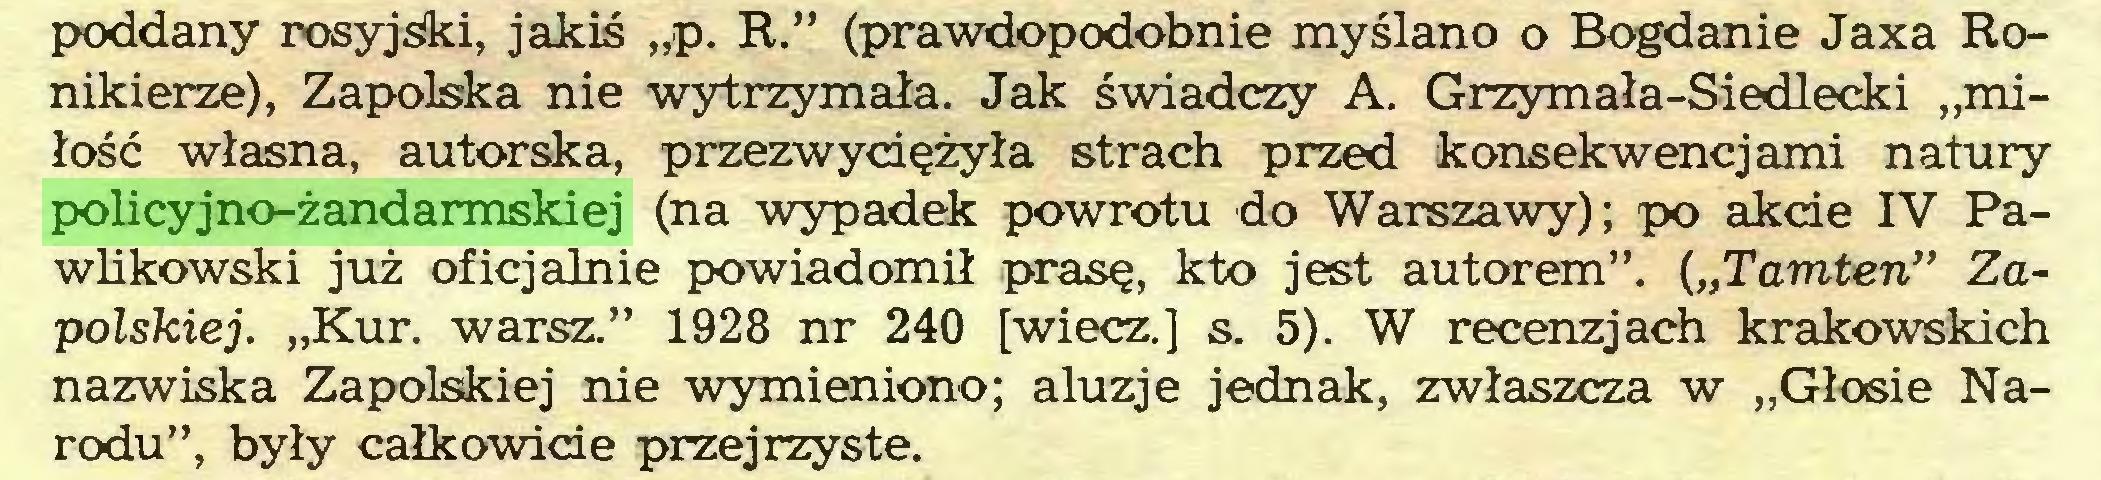 """(...) poddany rosyjski, jakiś """"p. R."""" (prawdopodobnie myślano o Bogdanie Jaxa Ronikierze), Zapolska nie wytrzymała. Jak świadczy A. Grzymała-Siedlecki """"miłość własna, autorska, przezwyciężyła strach przed konsekwencjami natury policyjno-żandarmskiej (na wypadek powrotu do Warszawy); po akcie IV Pawlikowski już oficjalnie powiadomił prasę, kto jest autorem"""". (""""Tamten"""" Zapolskiej. """"Kur. warsz."""" 1928 nr 240 [wiecz.] s. 5). W recenzjach krakowskich nazwiska Zapolskiej nie wymieniono; aluzje jednak, zwłaszcza w """"Głosie Narodu"""", były całkowicie przejrzyste..."""